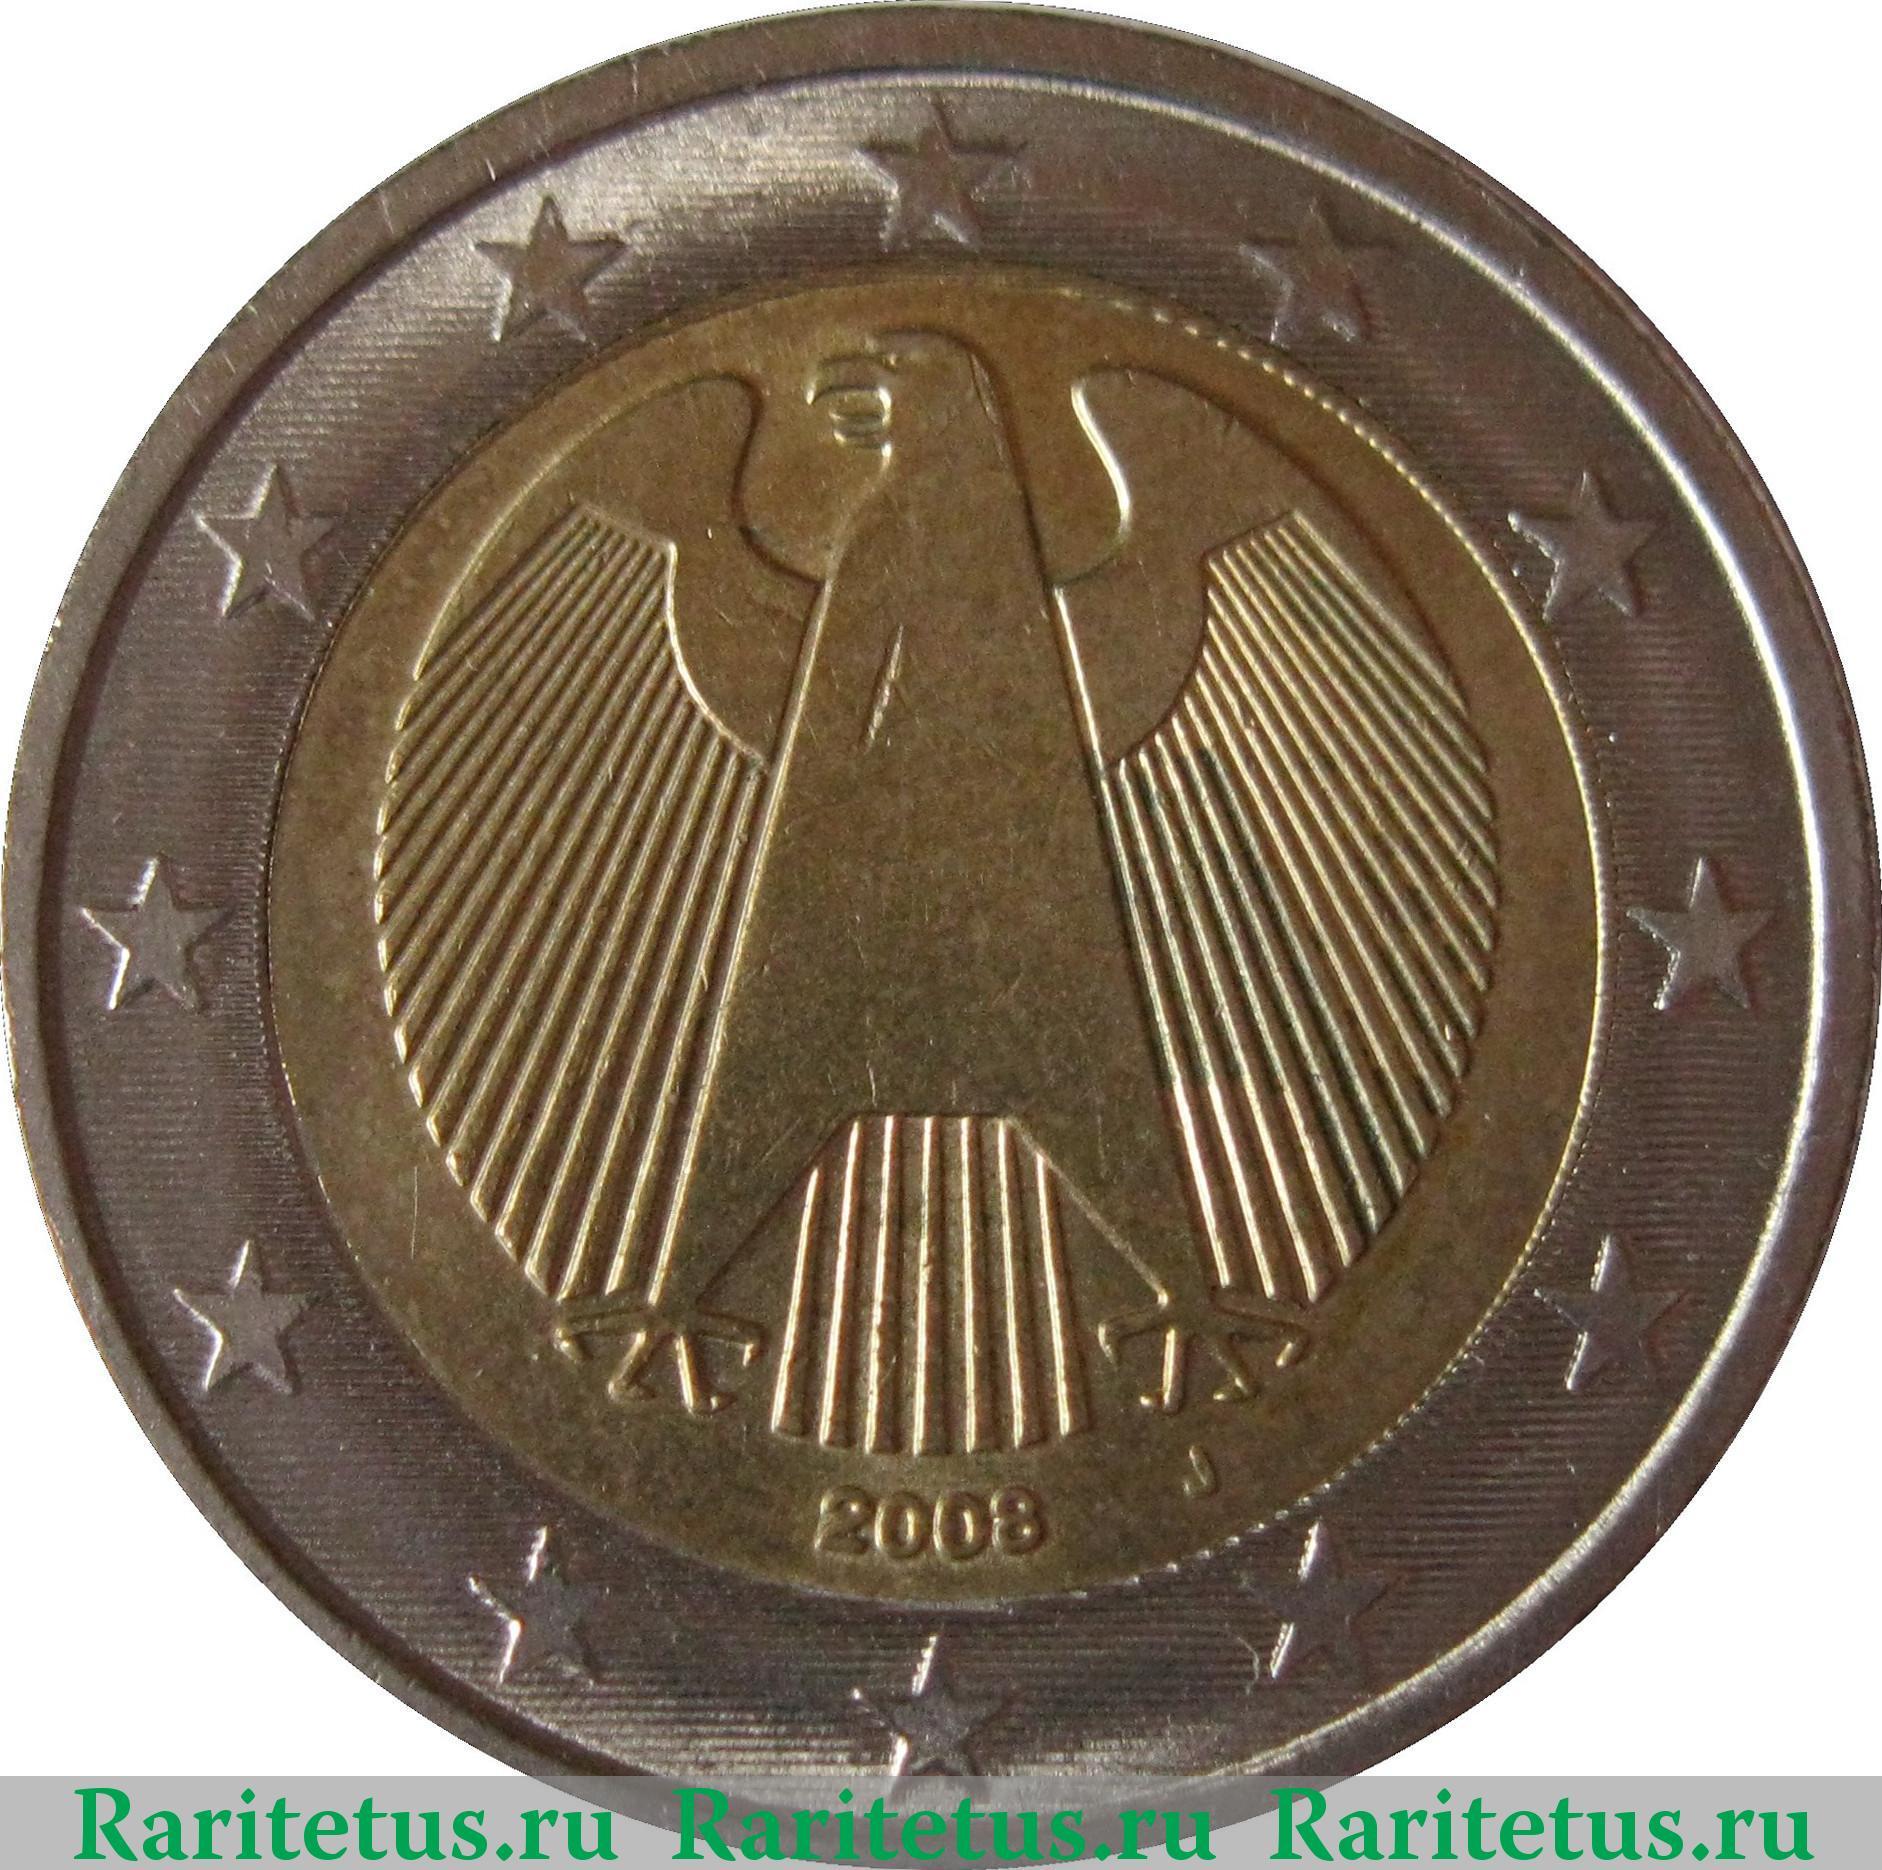 Монетные дворы евро евро рисунок